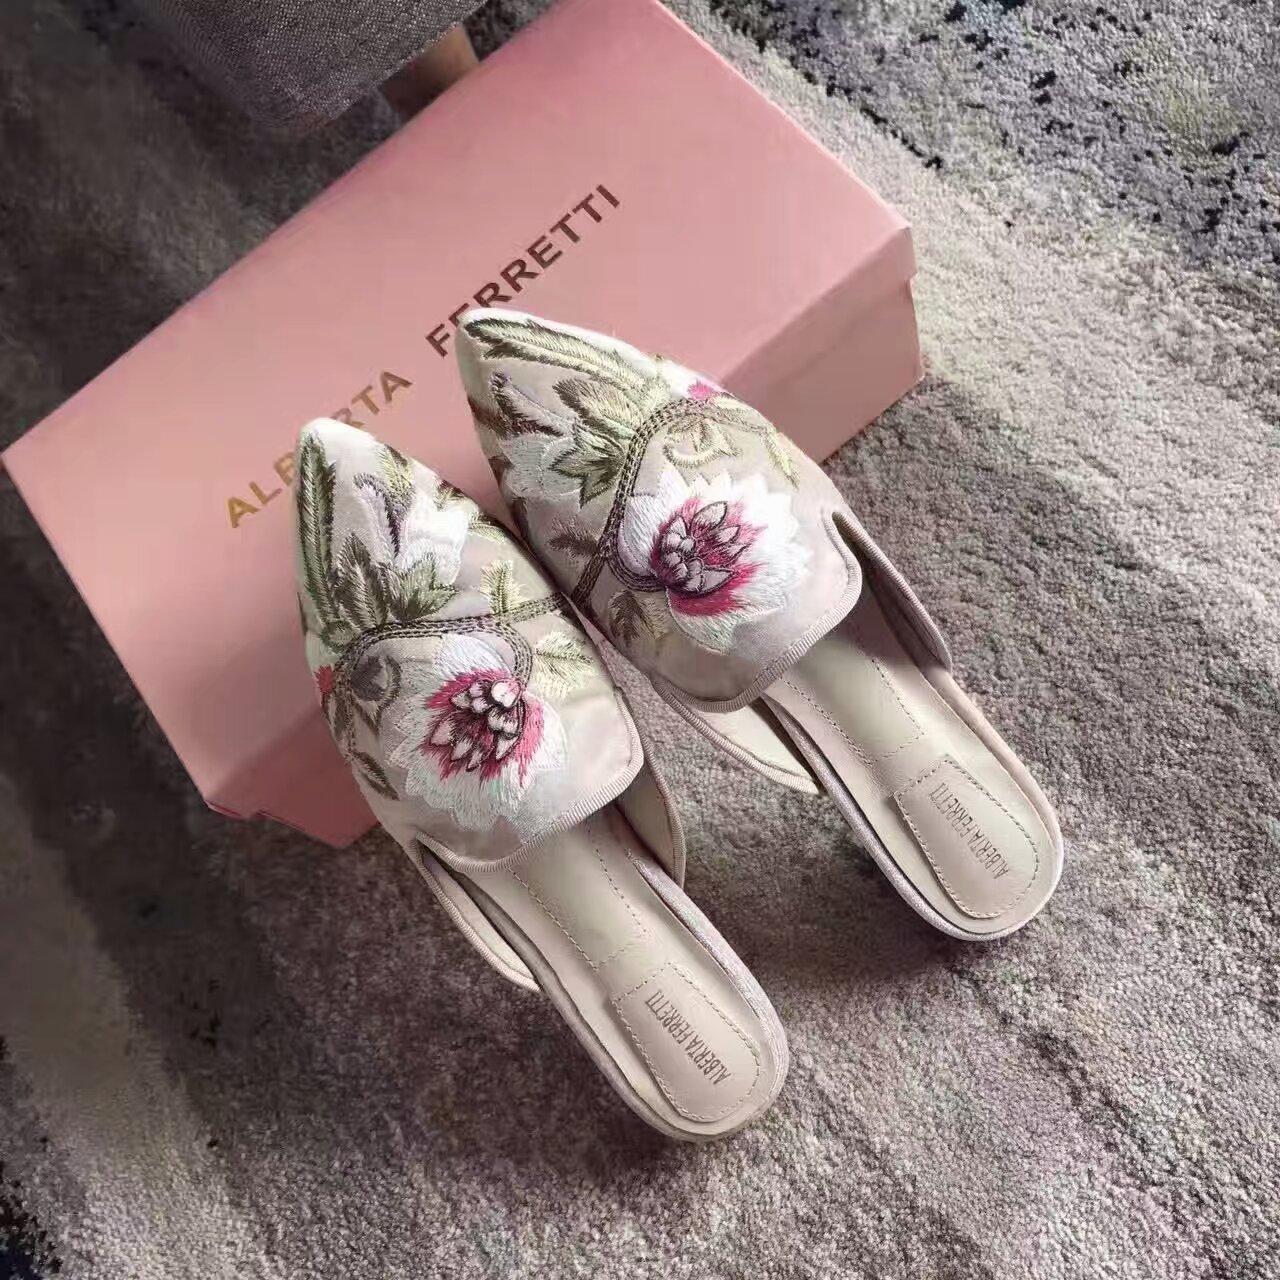 【Alberta Ferretti】 (阿尔伯特·菲尔蒂)刺绣拖鞋华丽的拖鞋